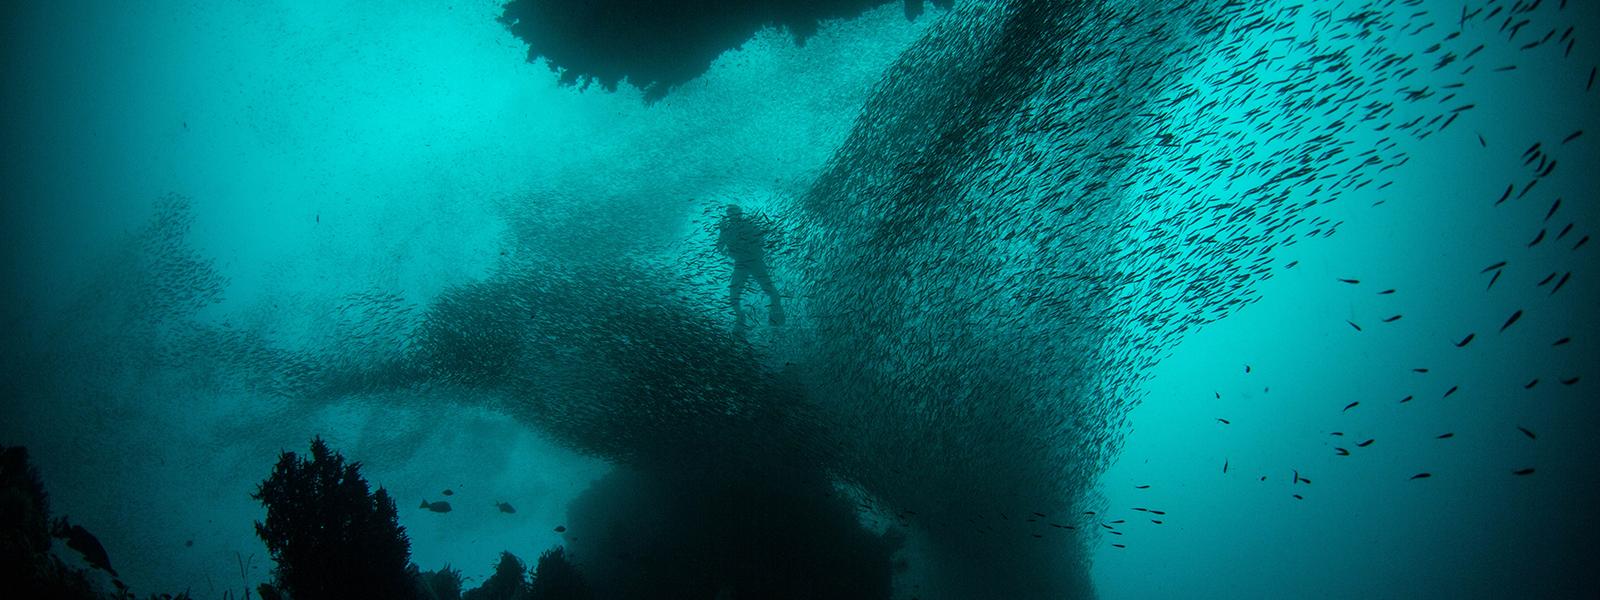 Foto sott'acqua di un banco di pesci e sommozzatore